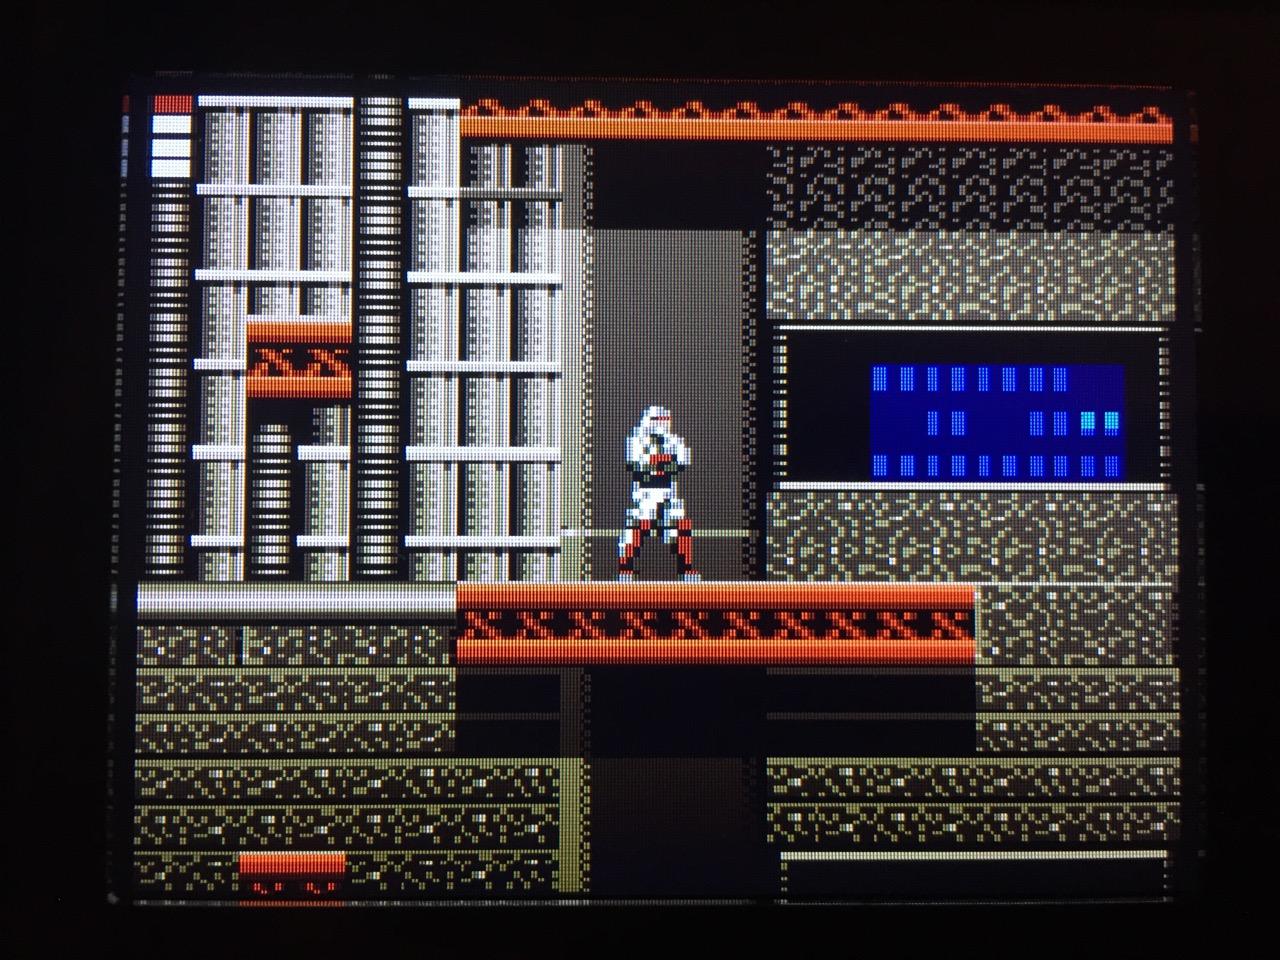 Screenshot von Shinobi II - The Silent Fury auf dem Game Gear mit LCD Mod. (Bild: André Eymann)